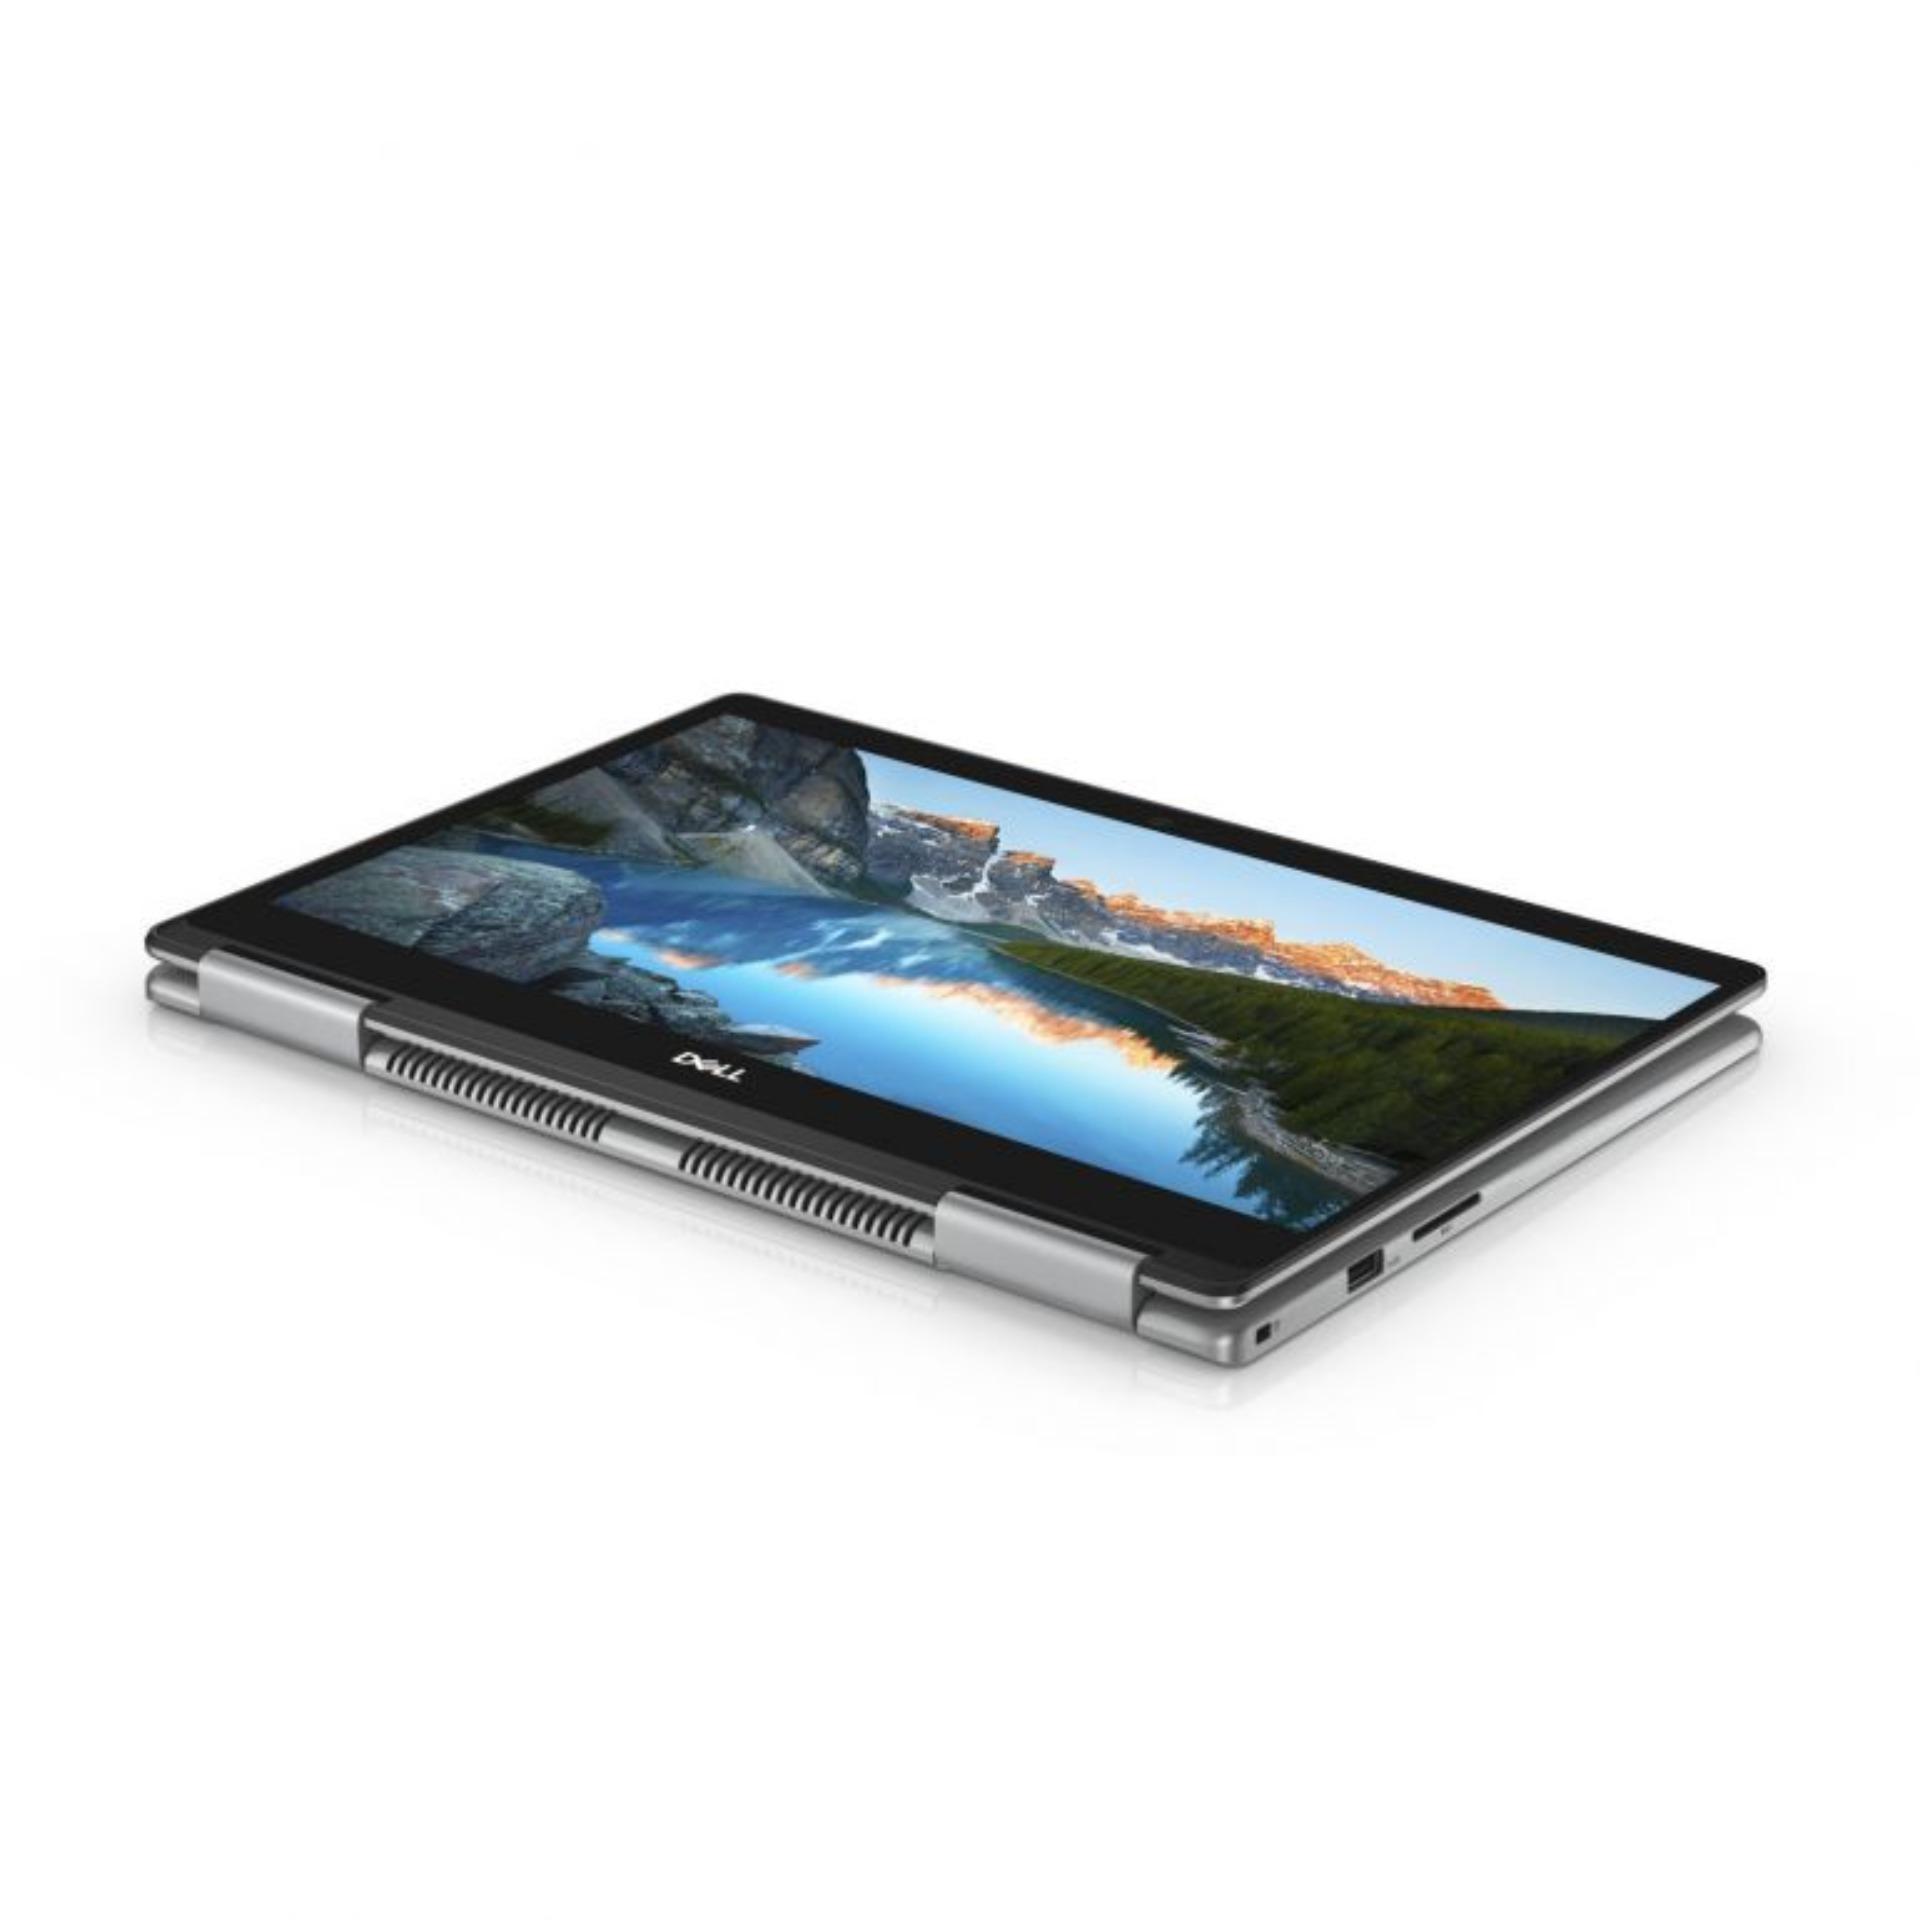 DELL 7373-82582SG-W10 13.3 IN INTEL CORE I5-8250U 8GB 256GB SSD WIN 10 TOUCH